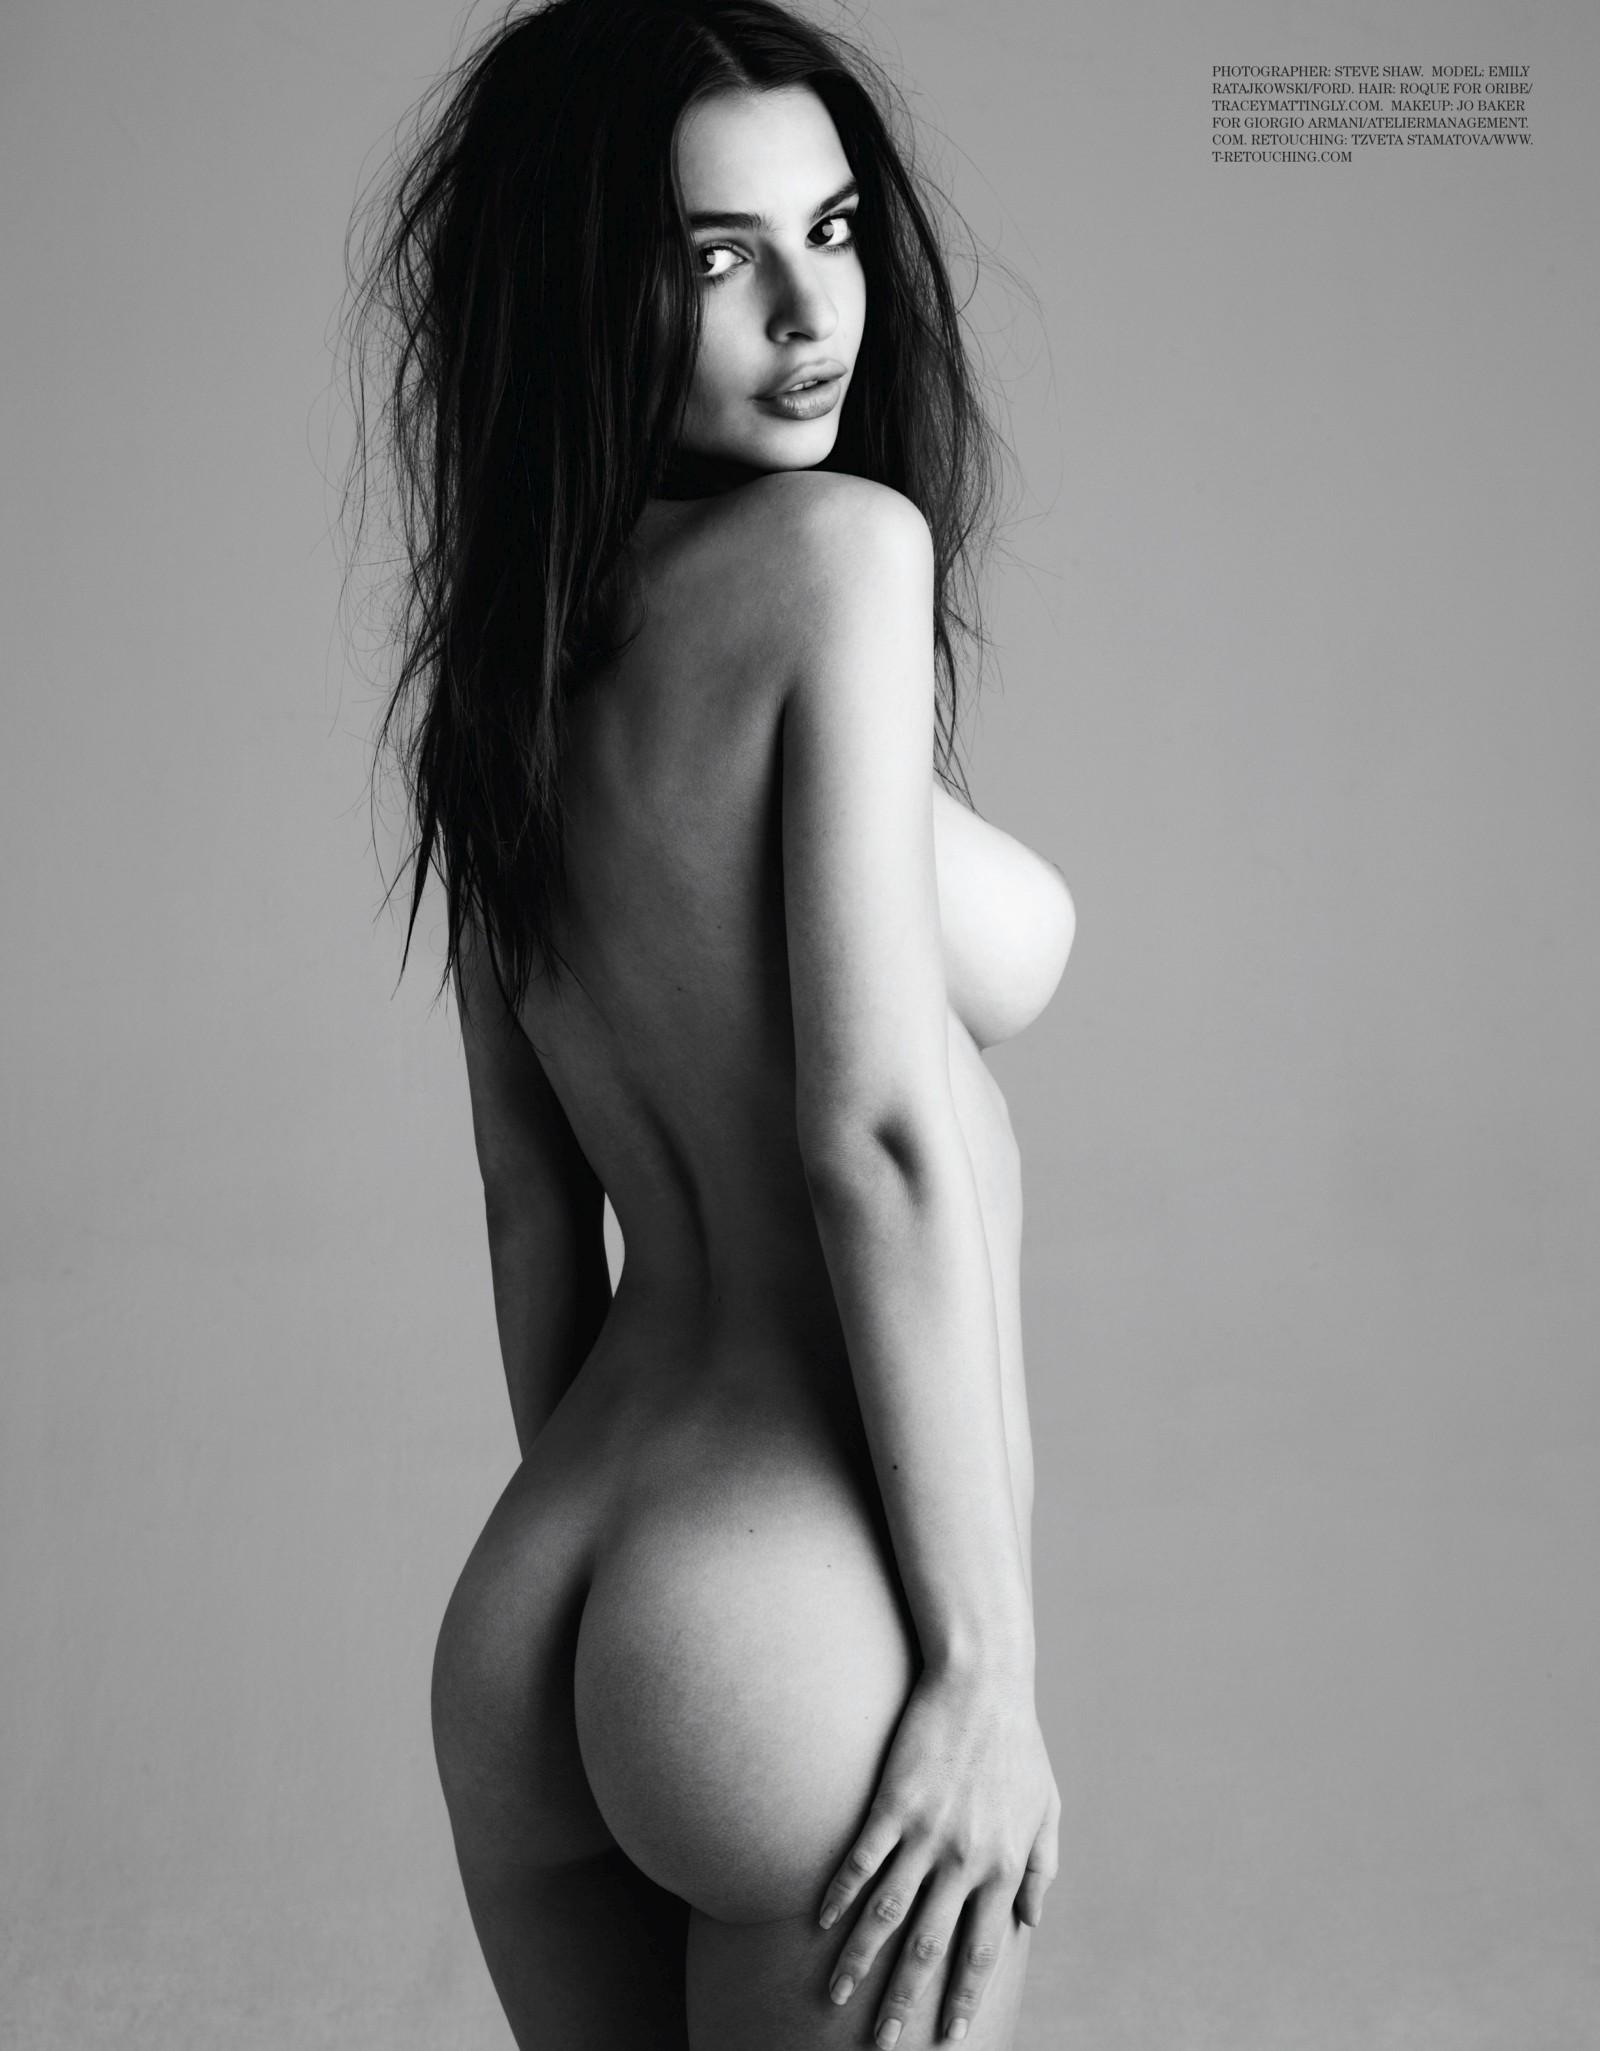 Молодая американская модель Эмили Ратаковски